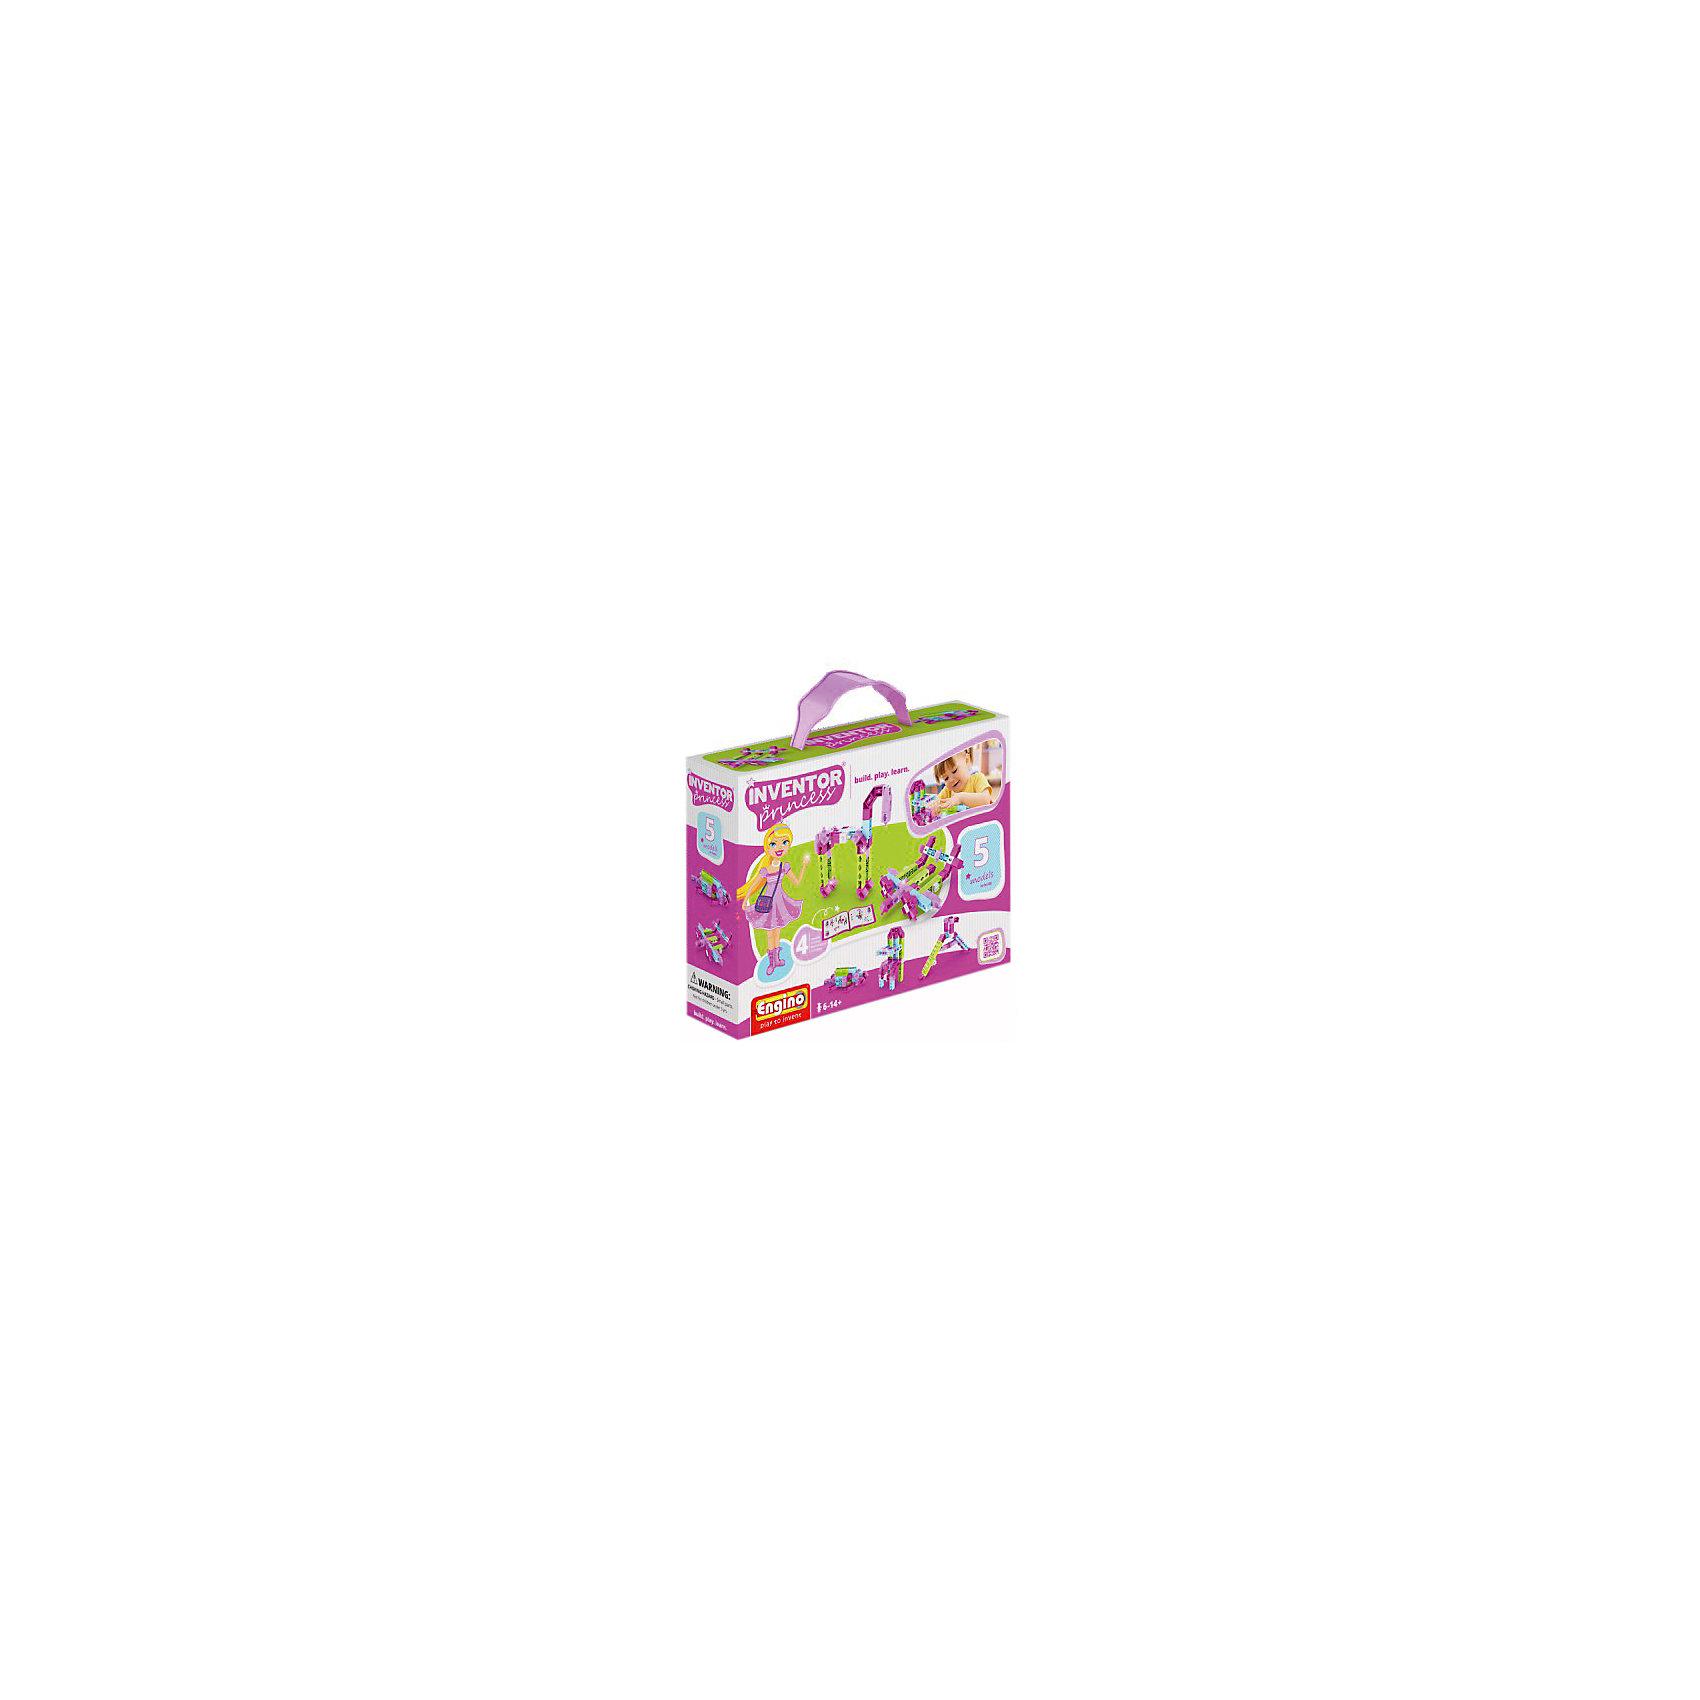 Конструктор INVENTOR GIRLS, 5 моделей, EnginoПластмассовые конструкторы<br>Характеристики товара:<br><br>• материал: пластик<br>• размер упаковки: 5х22х16 см<br>• комплектация: коробка, детали, инструкции<br>• упаковка: коробка<br>• можно собрать 5 моделей<br>• возраст: от 3 лет<br>• совместим с другими наборами Engino<br>• 172 детали<br>• страна бренда: Кипр<br><br>Конструктор - это отличный способ помочь развитию ребенка. Сборка фигурок из деталей способствует скорейшему развитию мелкой моторики, пространственного мышления, логики, цветовосприятия и воображения. Помимо этого, собирать конструктор - очень увлекательное занятие!<br><br>Конструкторы от Engino - это развивающие игрушки нового поколения. Из этого конструктора можно собрать сразу 5 разных фигурок! Сделать это можно с помощью инструкции, входящей в комплект или информации из интернета. Отличный полезный подарок для девочки! <br><br>Конструктор INVENTOR GIRLS, 5 моделей, от популярного бренда Engino можно купить в нашем интернет-магазине.<br><br>Ширина мм: 220<br>Глубина мм: 60<br>Высота мм: 160<br>Вес г: 189<br>Возраст от месяцев: 36<br>Возраст до месяцев: 192<br>Пол: Женский<br>Возраст: Детский<br>SKU: 5482370